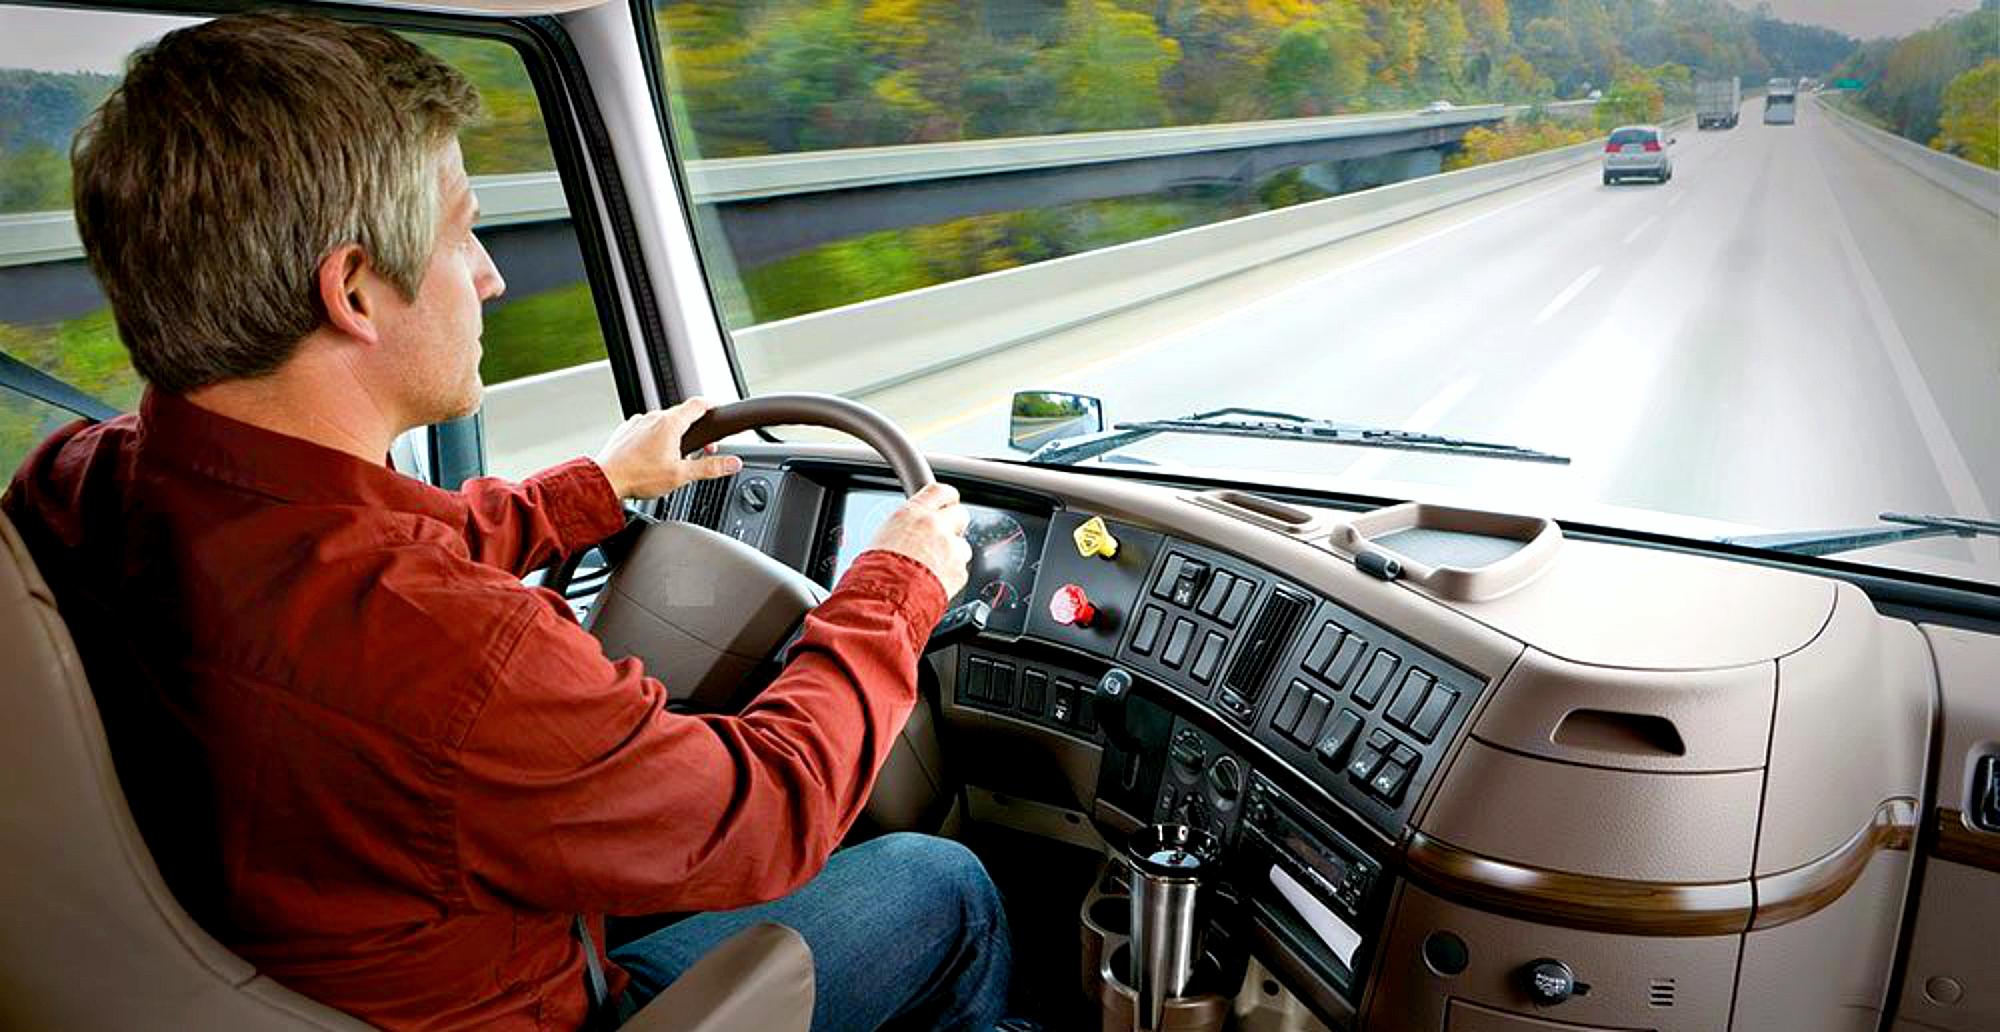 Минтранс обязал водителей  грузовых автомобилей соблюдать самоизоляцию после рейса